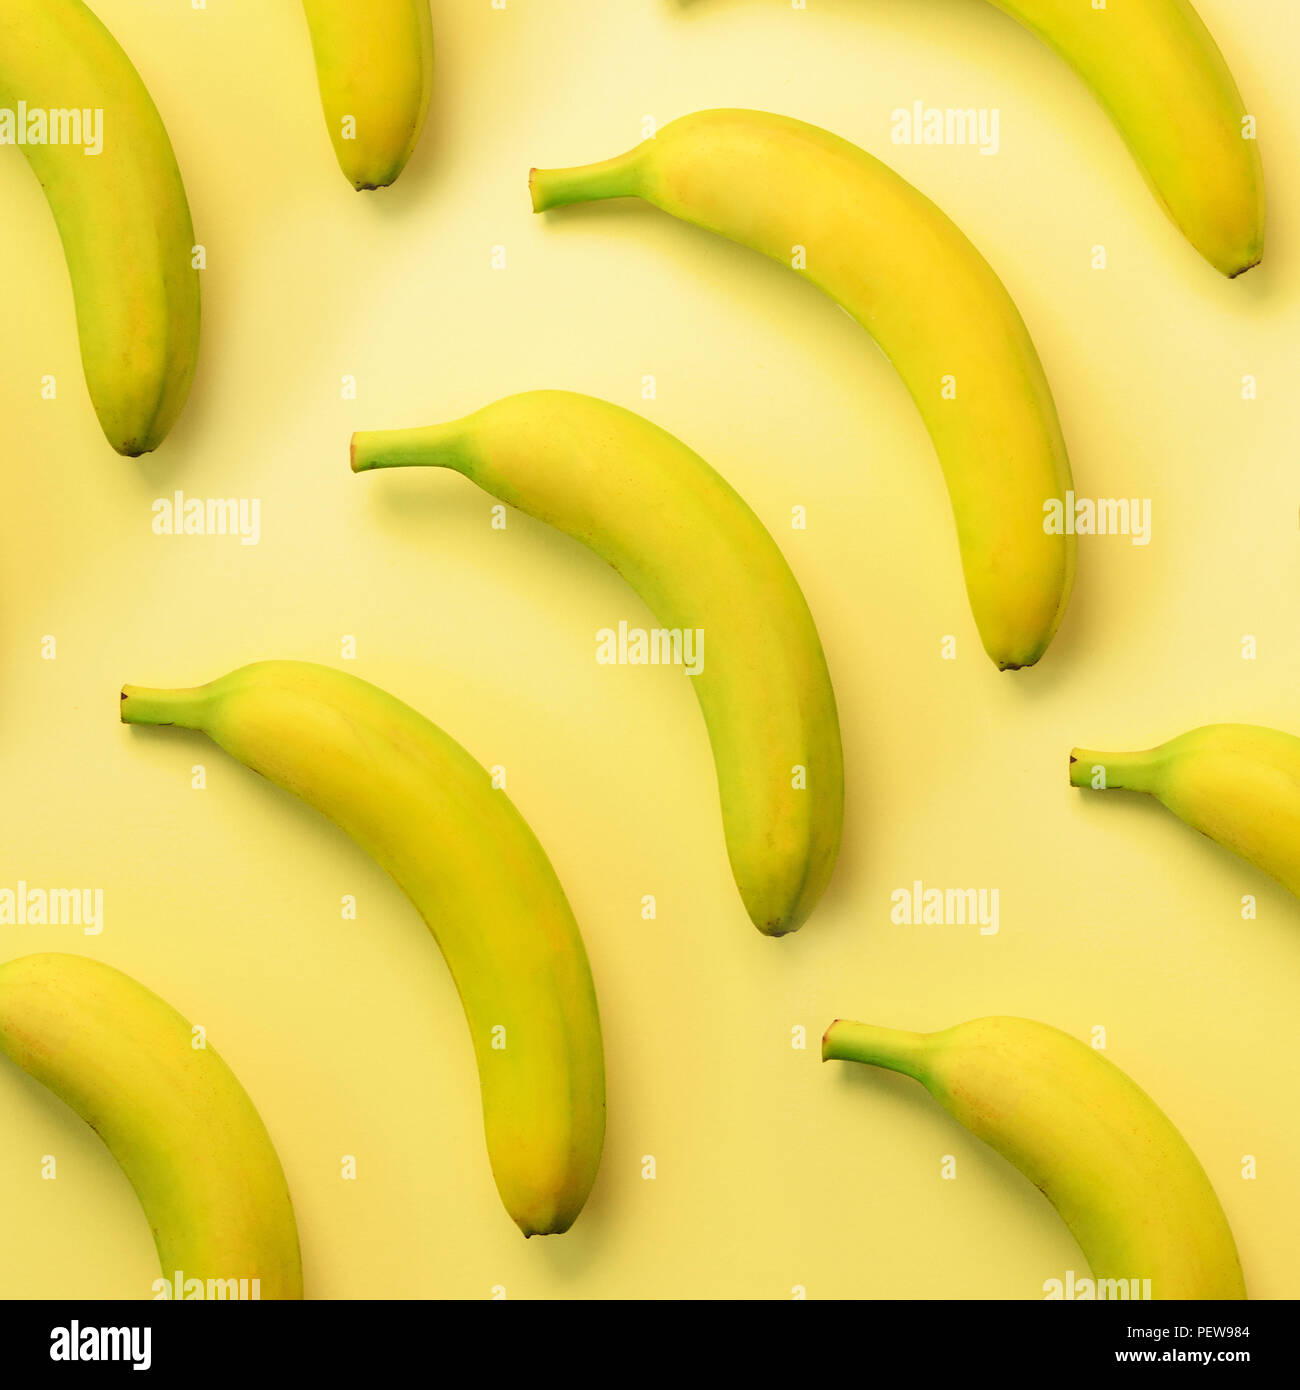 Bunte Obst Muster. Bananen auf gelben Hintergrund. Platz crop. Ansicht von oben. Pop Art Design, kreative Sommer Konzept. Minimale flach Stil Stockbild